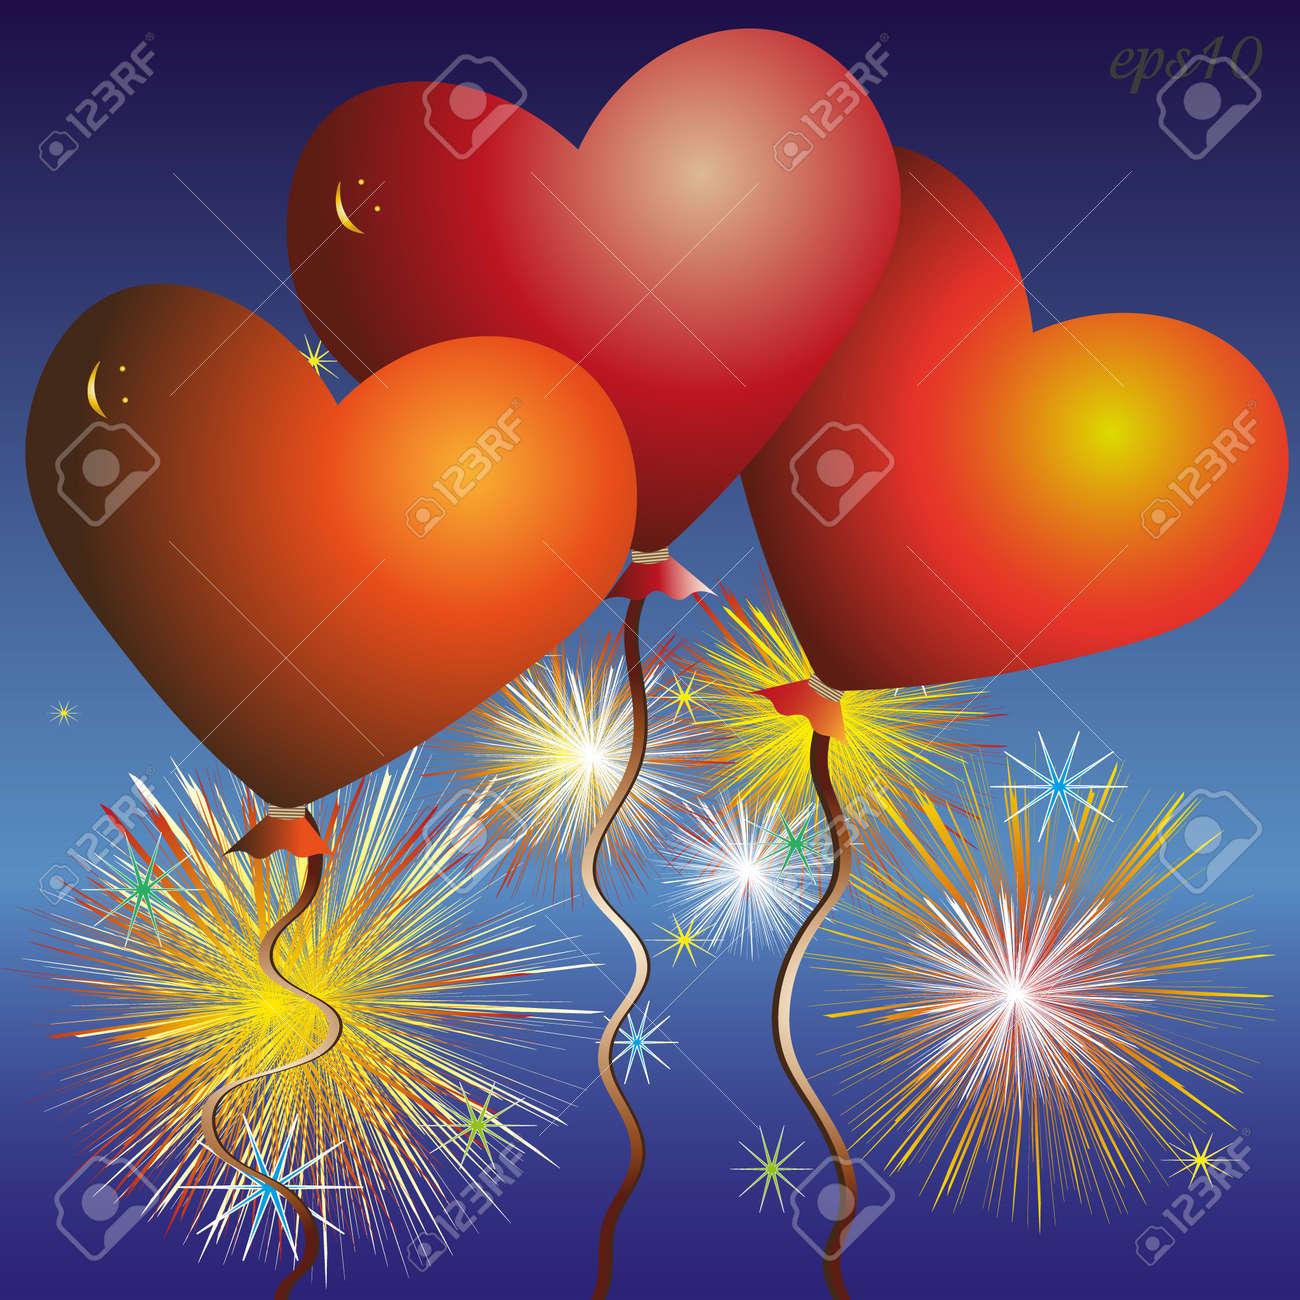 Trois Coeur Rouge Ballon Résumé Célébration Feu D Artifice Composition Auteur Conception Volume Smiley Carte De Voeux Saint Valentin Amour Romantique